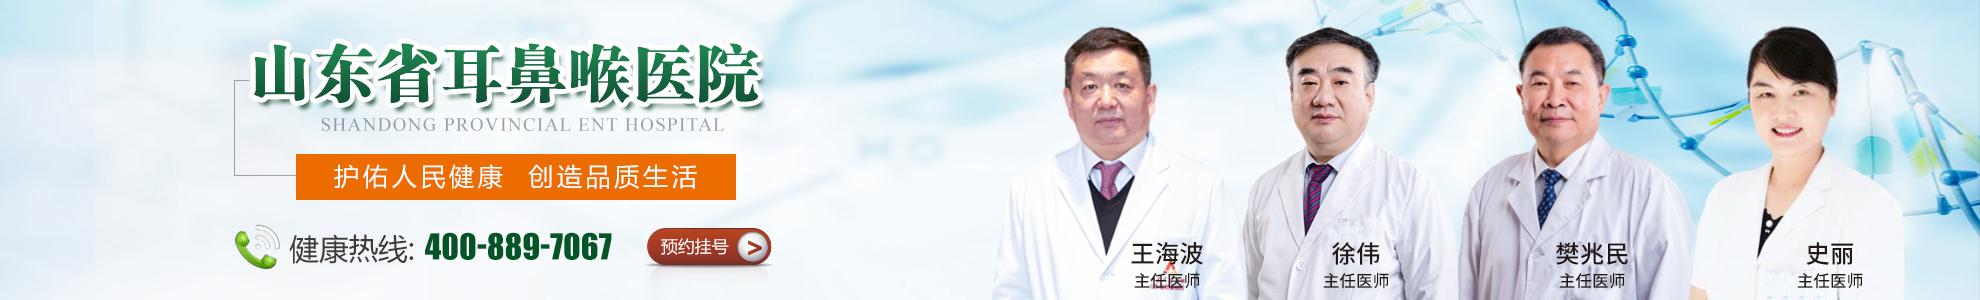 山东耳鼻喉医院(山东省立医院西院)